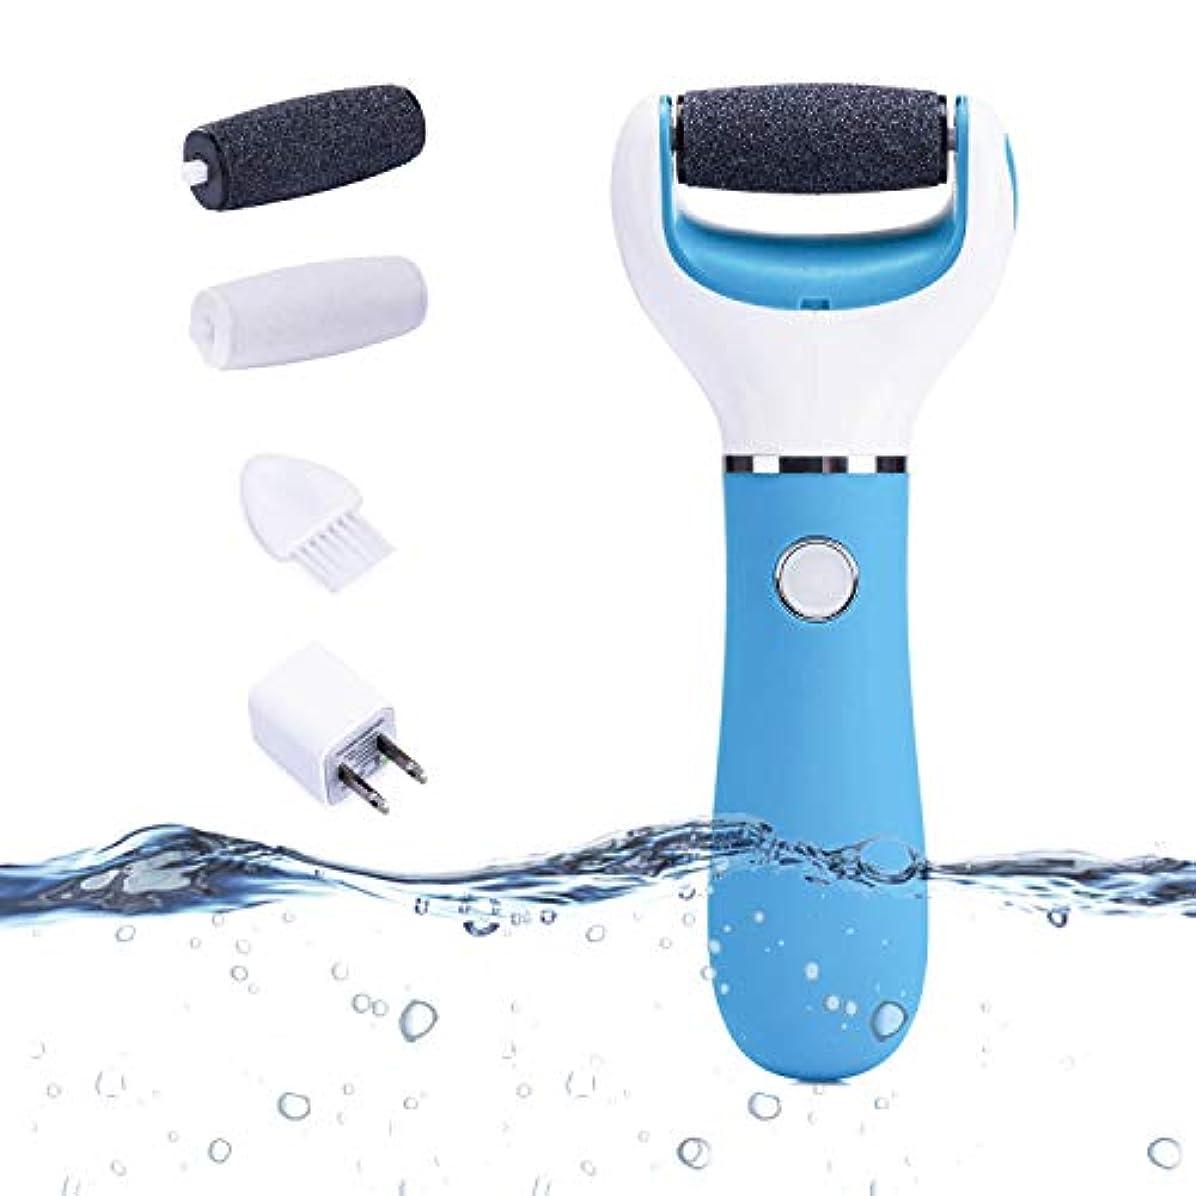 参加する膨らませる引き算LionWell 電動角質リムーバー USB充電式 防水 足ケア 軽石 角質取り 角質除去 改良版ローラー 粗目/細目 2つ付き 快速/低速モード 爪磨き機能 水洗い可能 フットケア (ブルー?強化型)